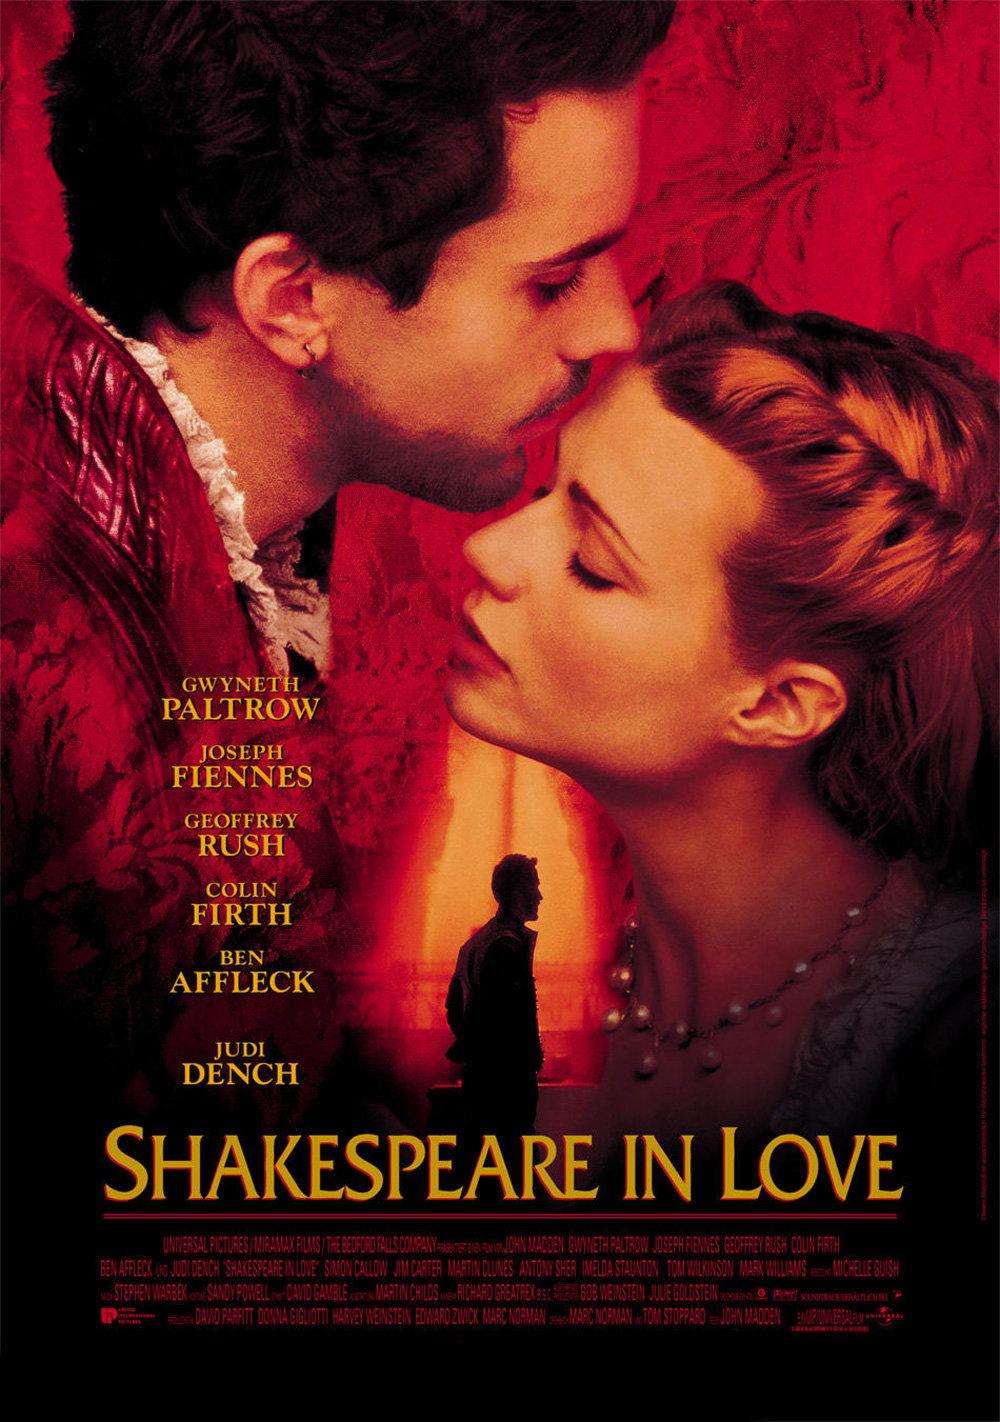 shakespeare-in-love-poster.jpg